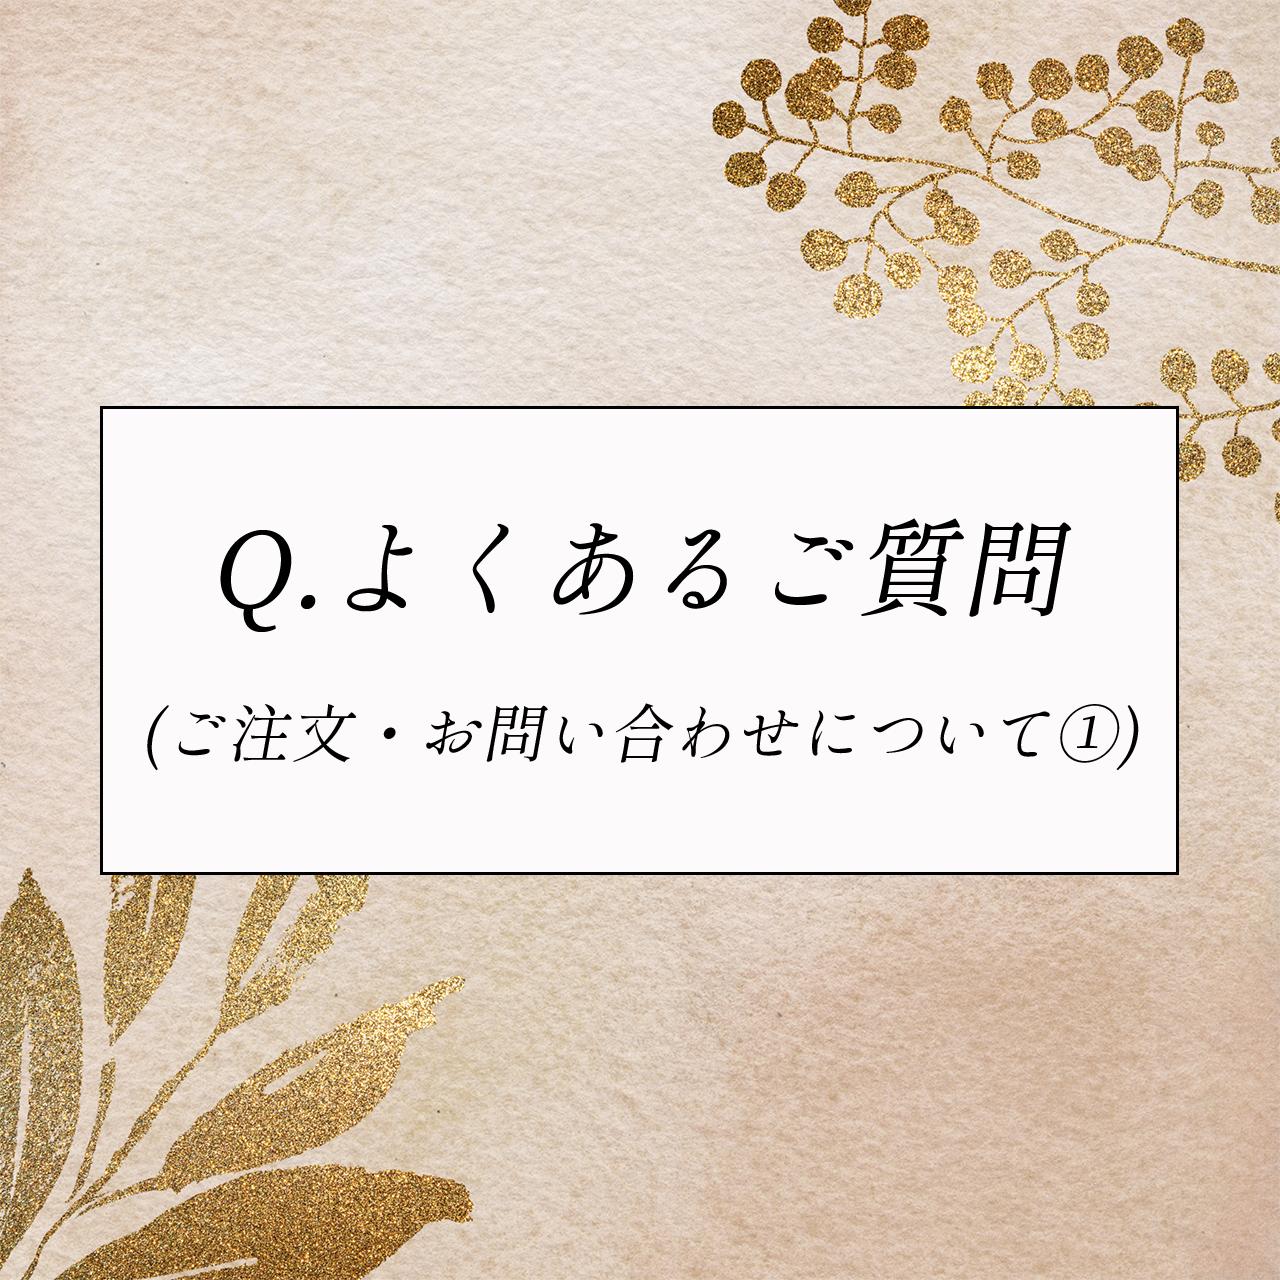 Q.よくあるご質問(ご注文・お問い合わせについて①)